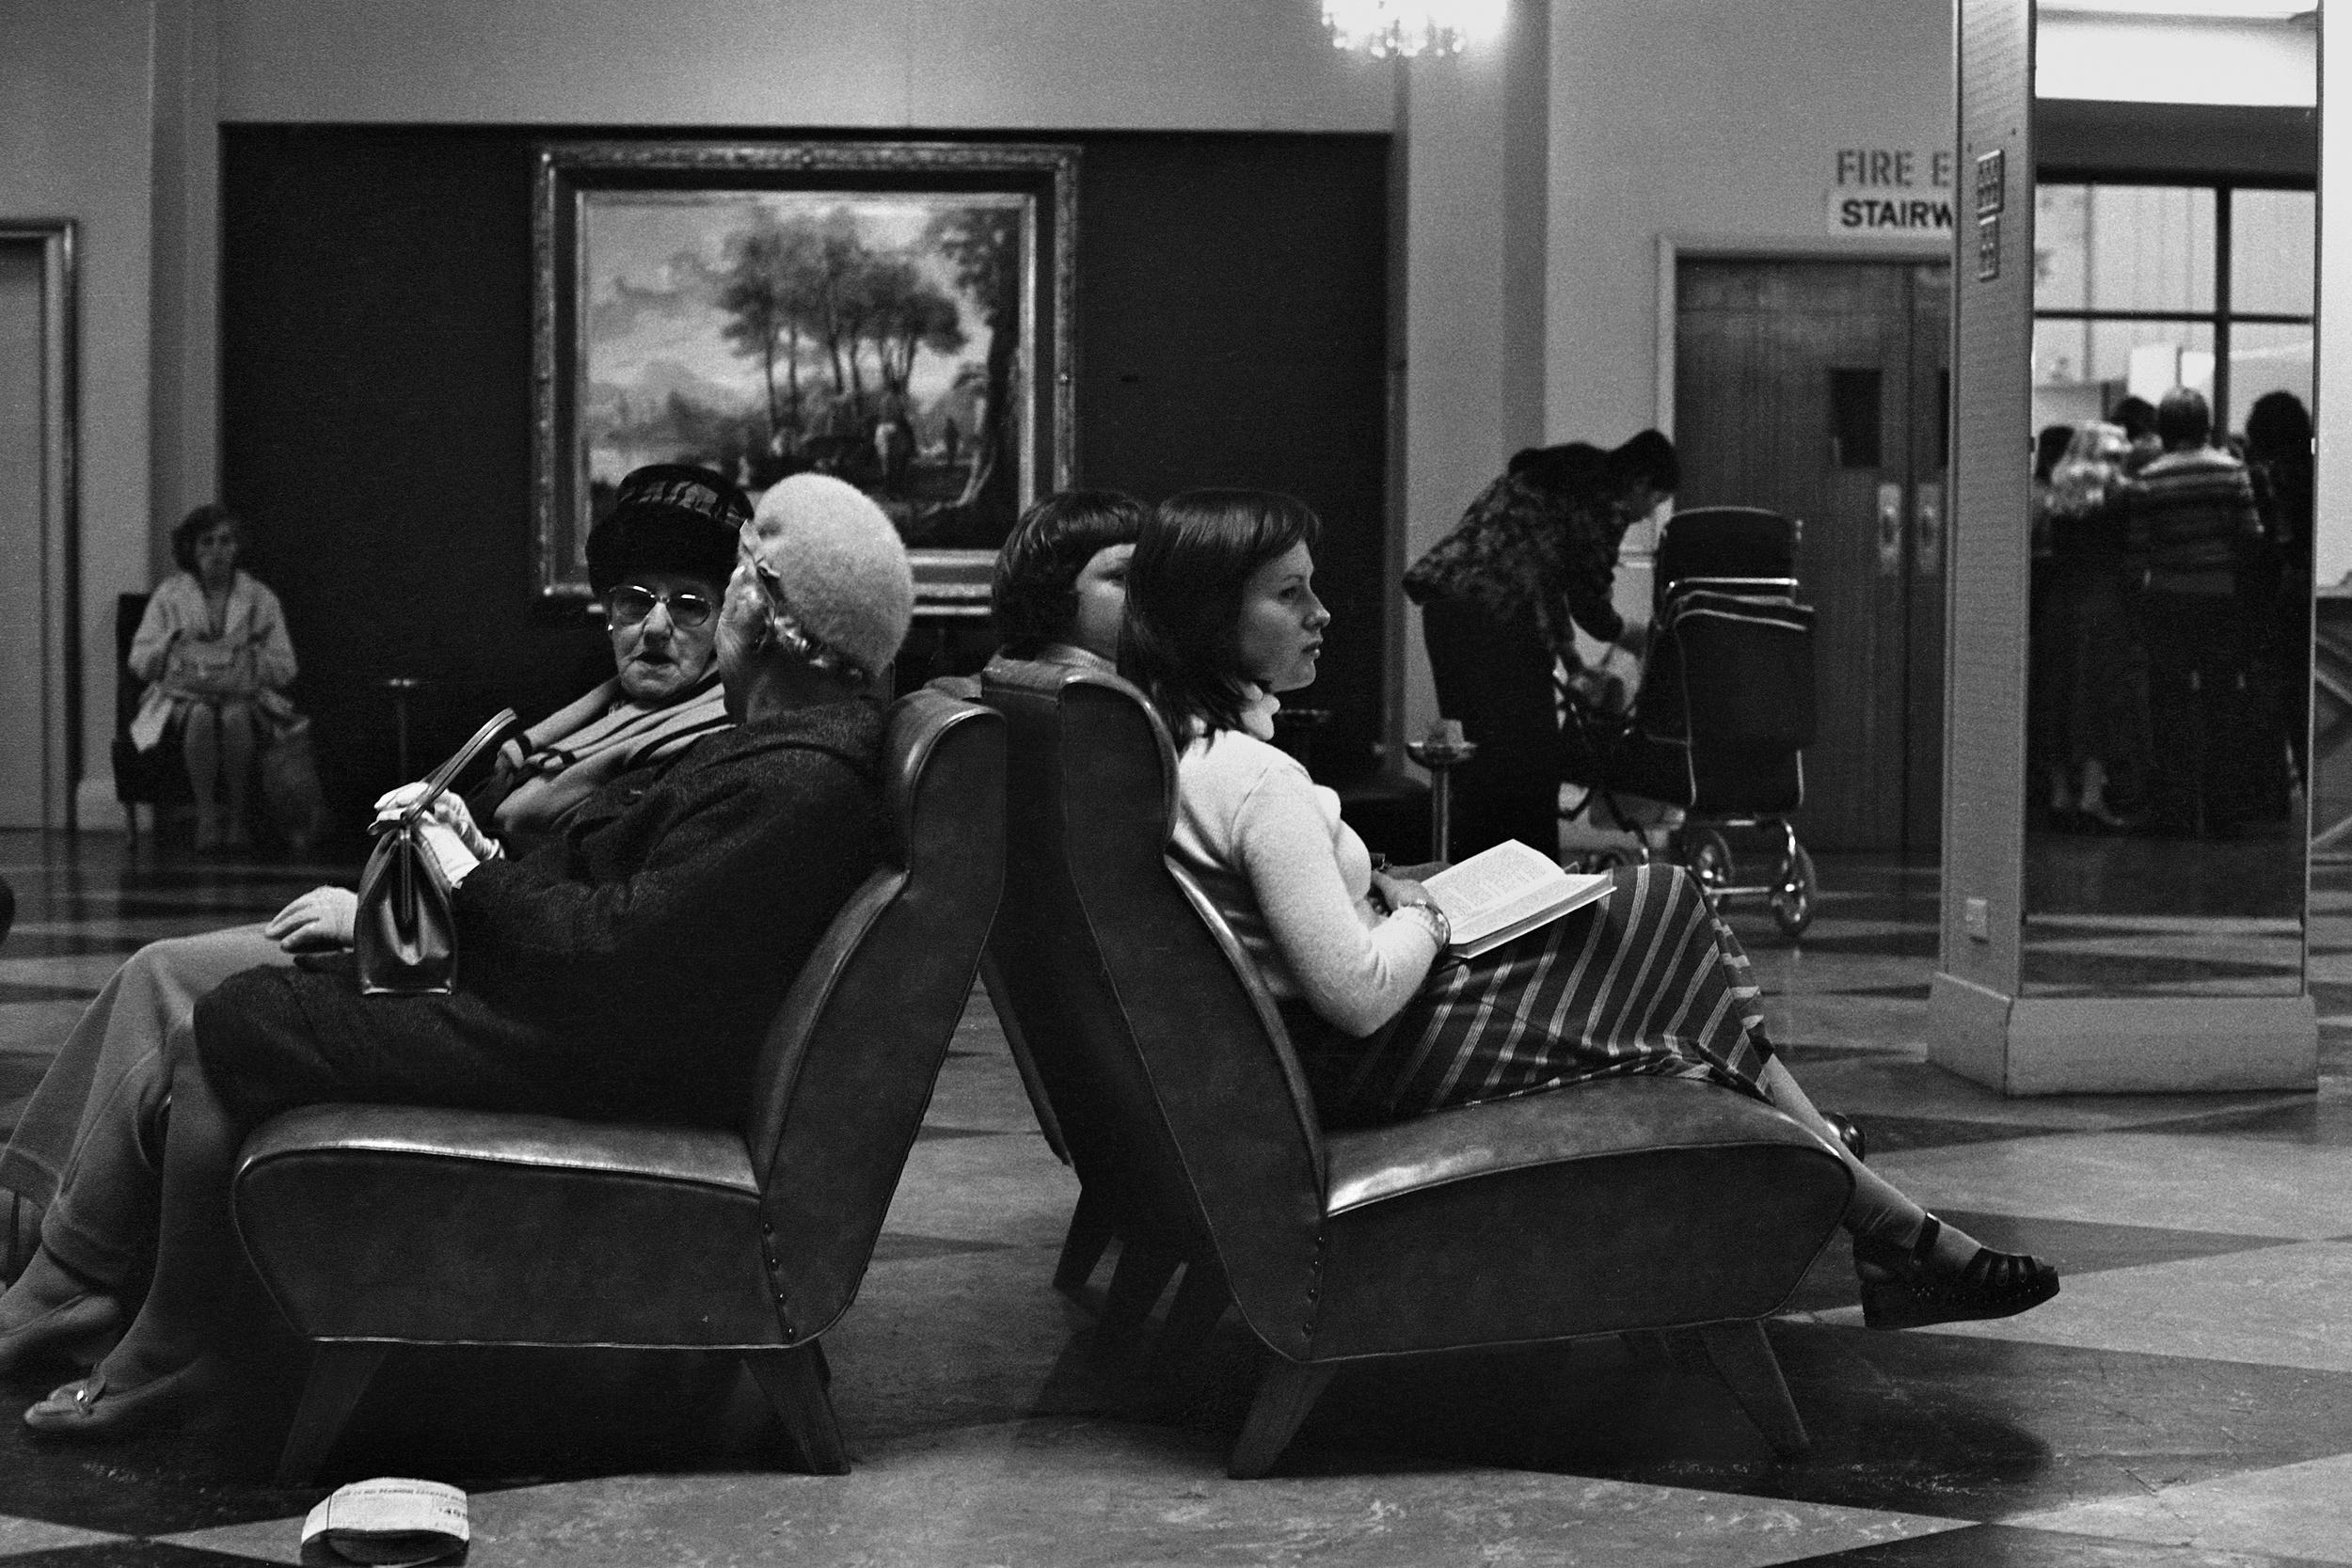 David Wadelton, Myer lady's lounge, 1976